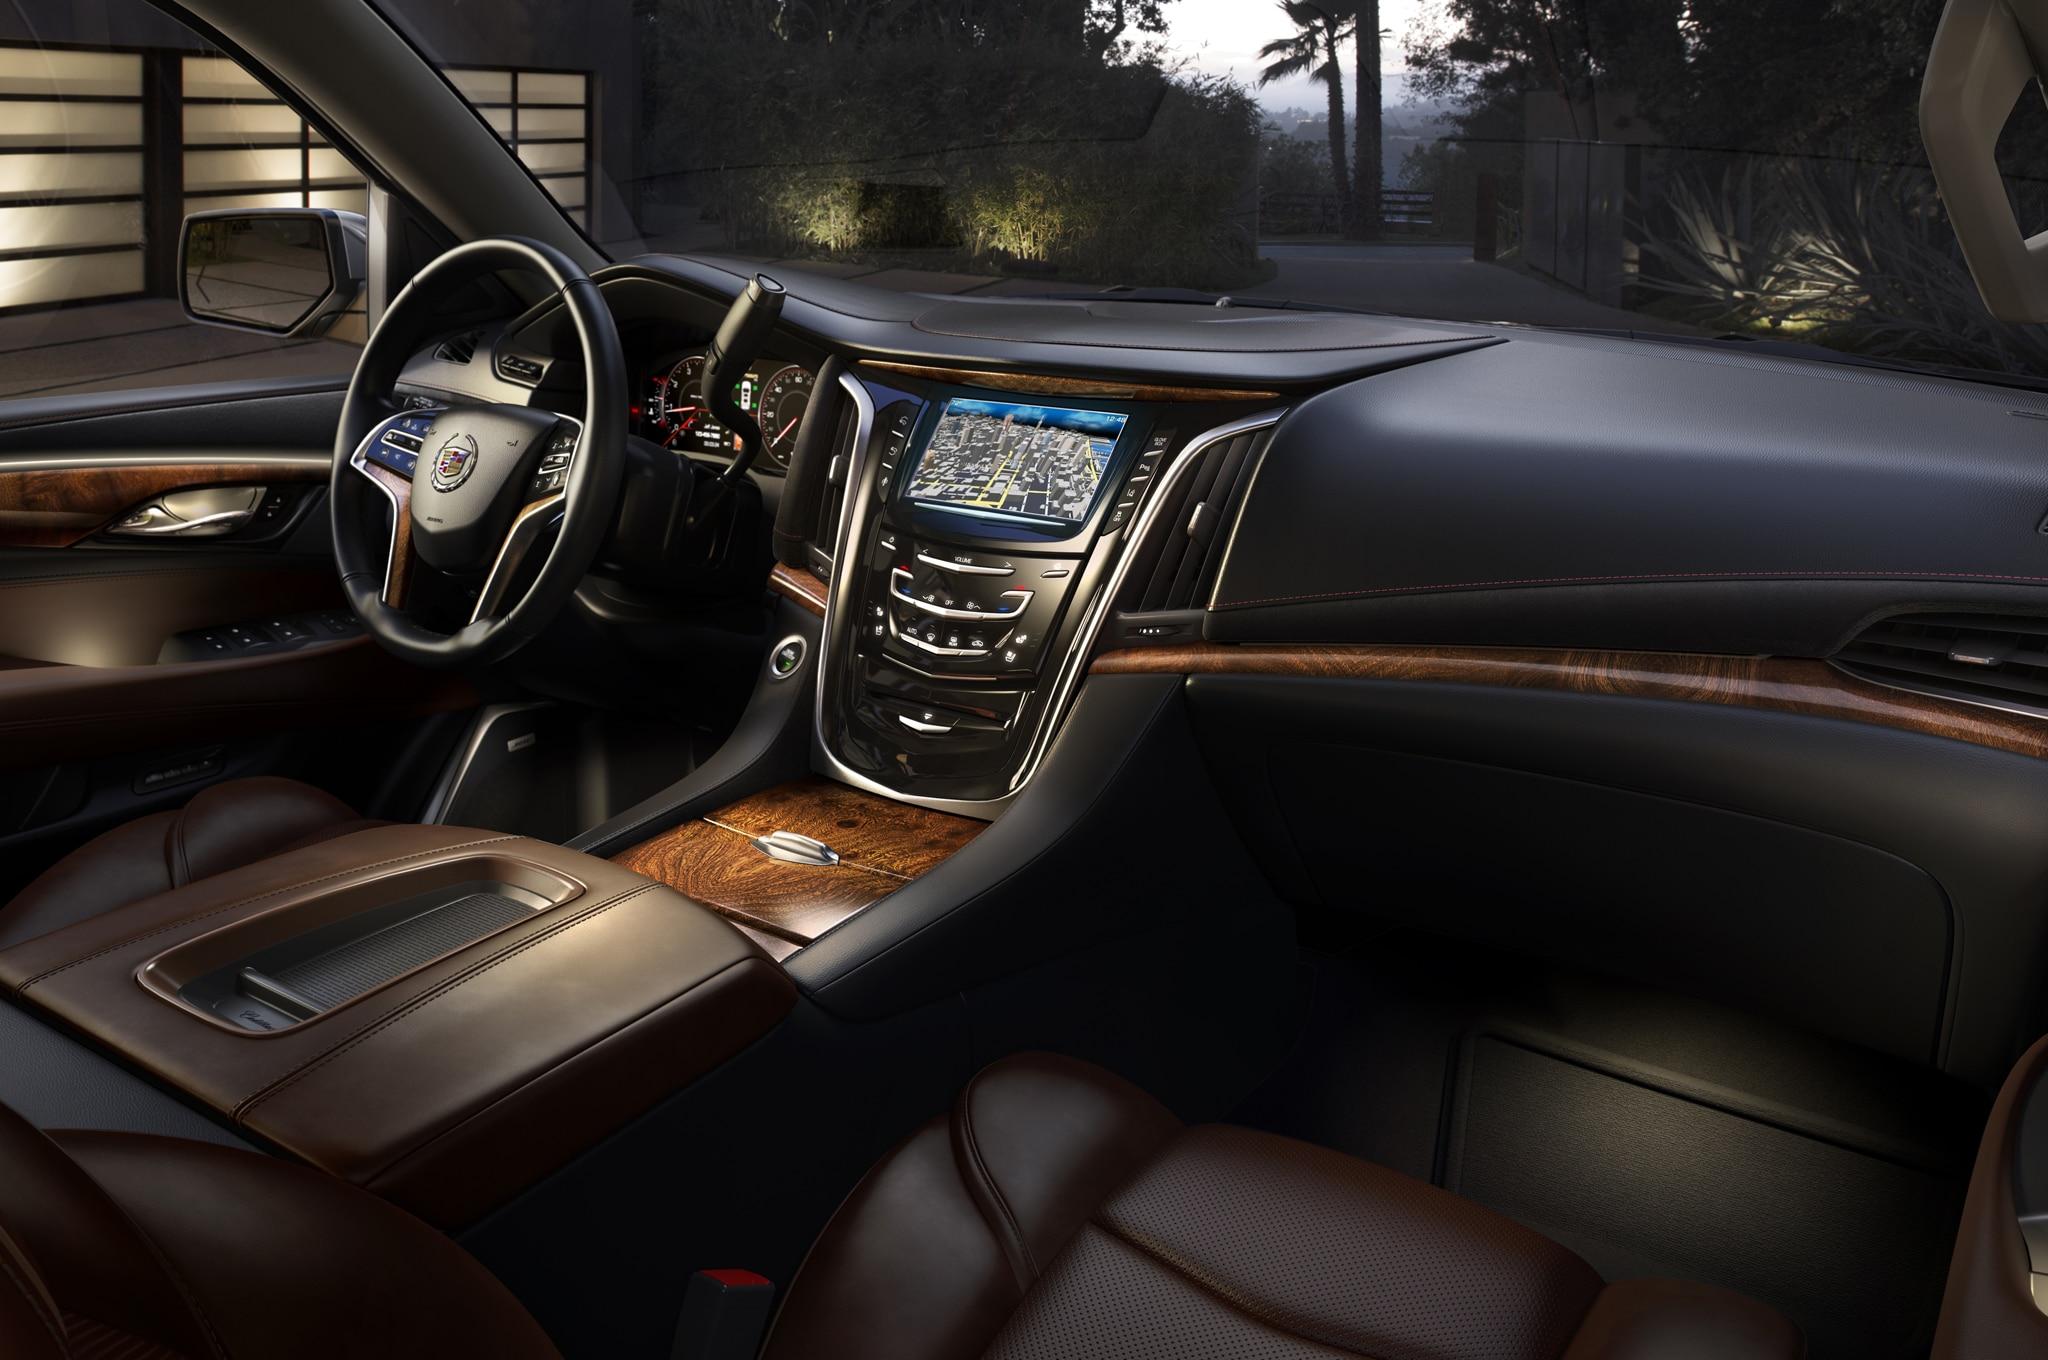 2015 Cadillac Escalade Interior1